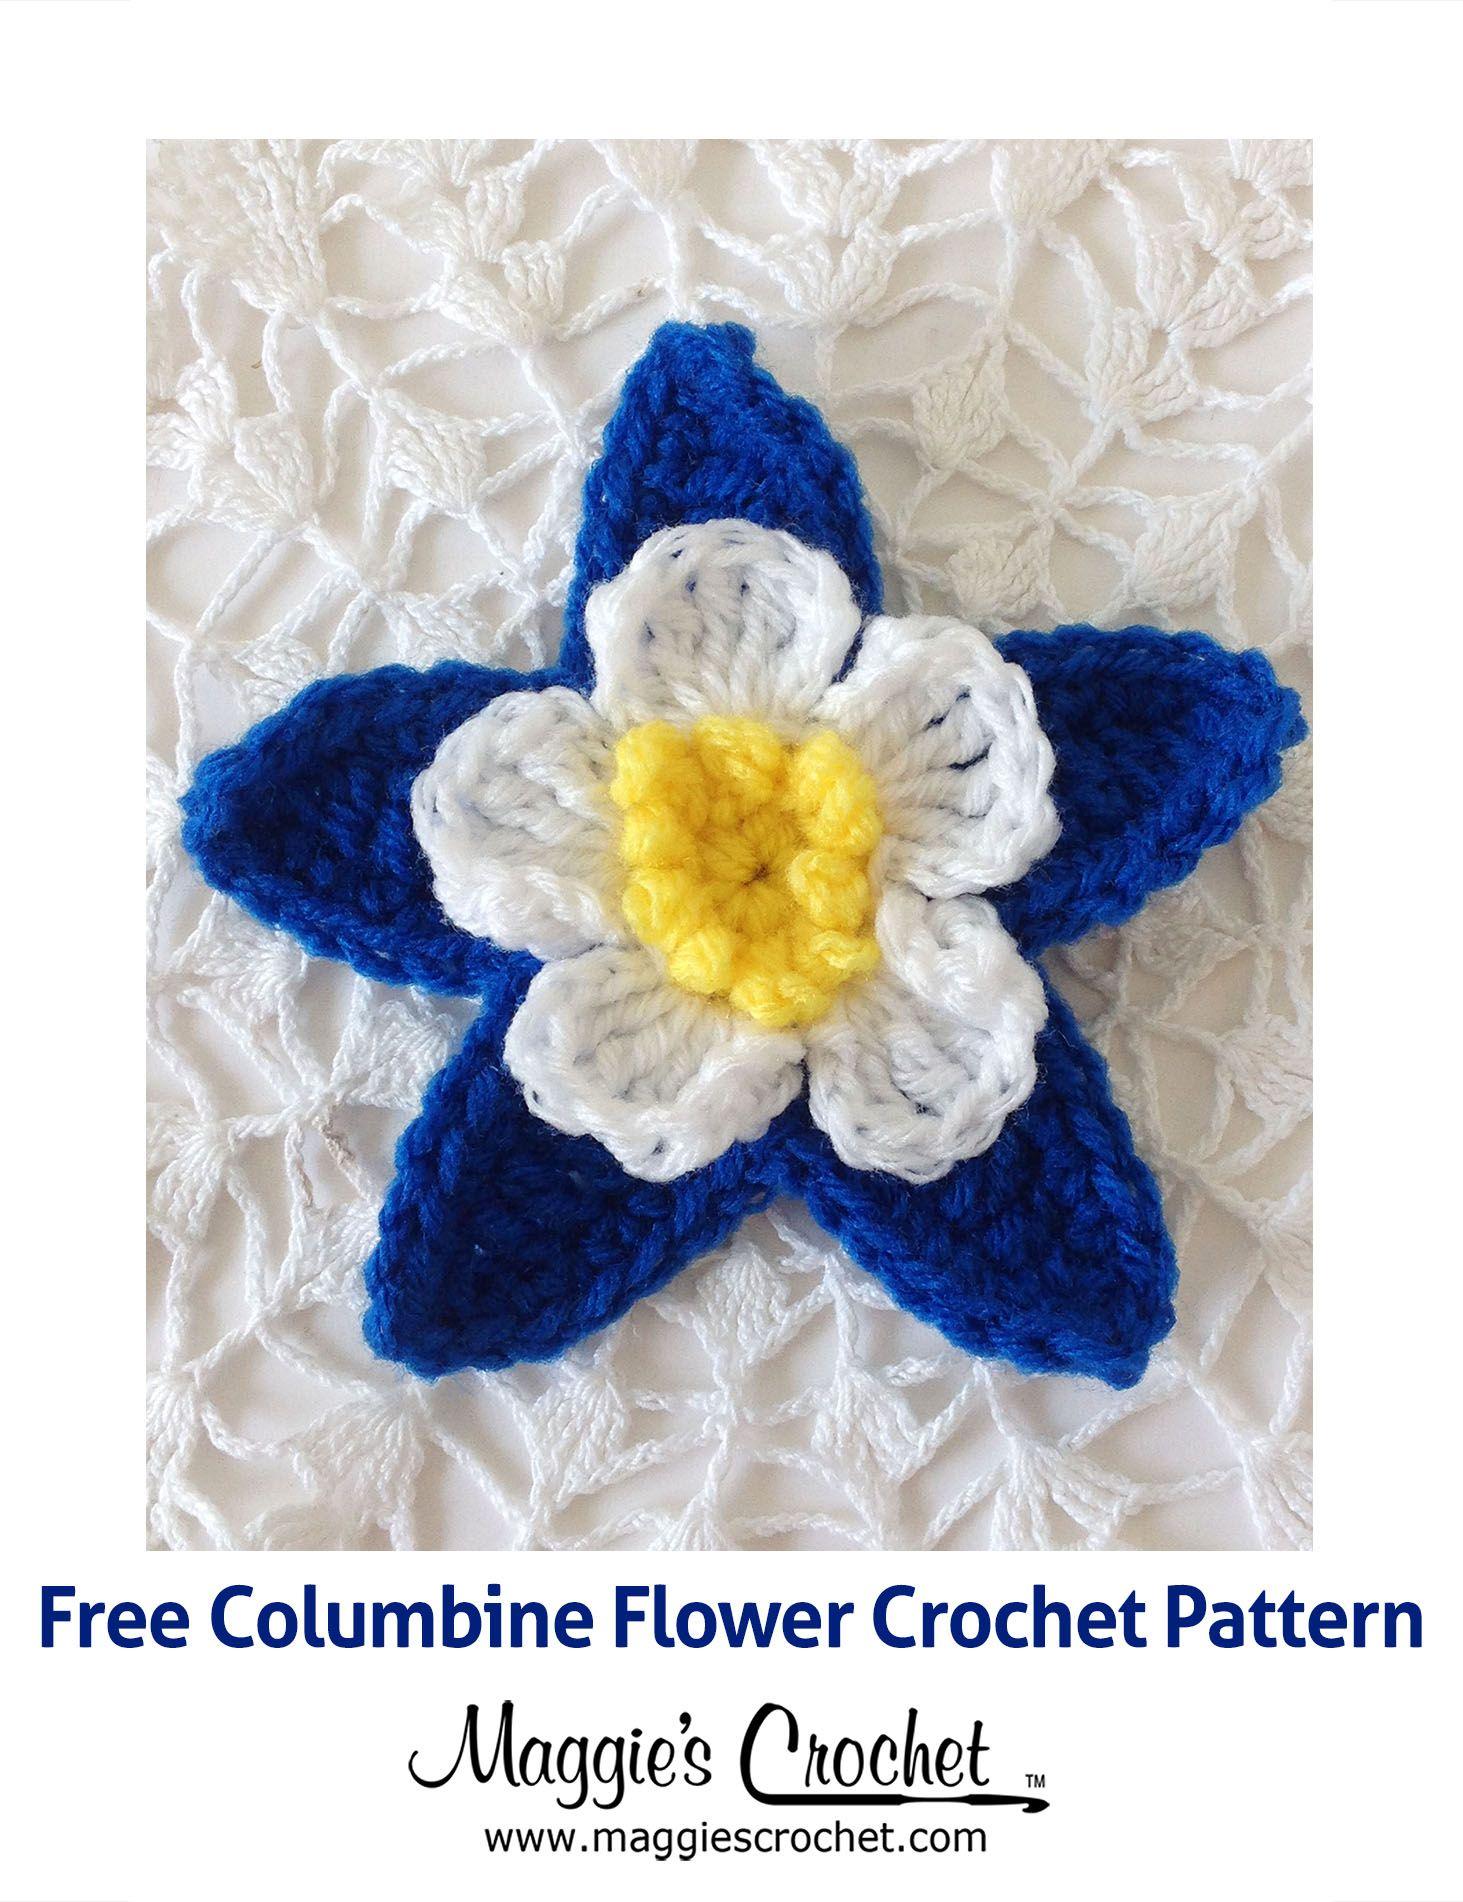 Columbine free crochet pattern from maggies crochet blog columbine free crochet pattern from maggies crochet blog craft flowersknit flowersflower crocheteasy bankloansurffo Gallery